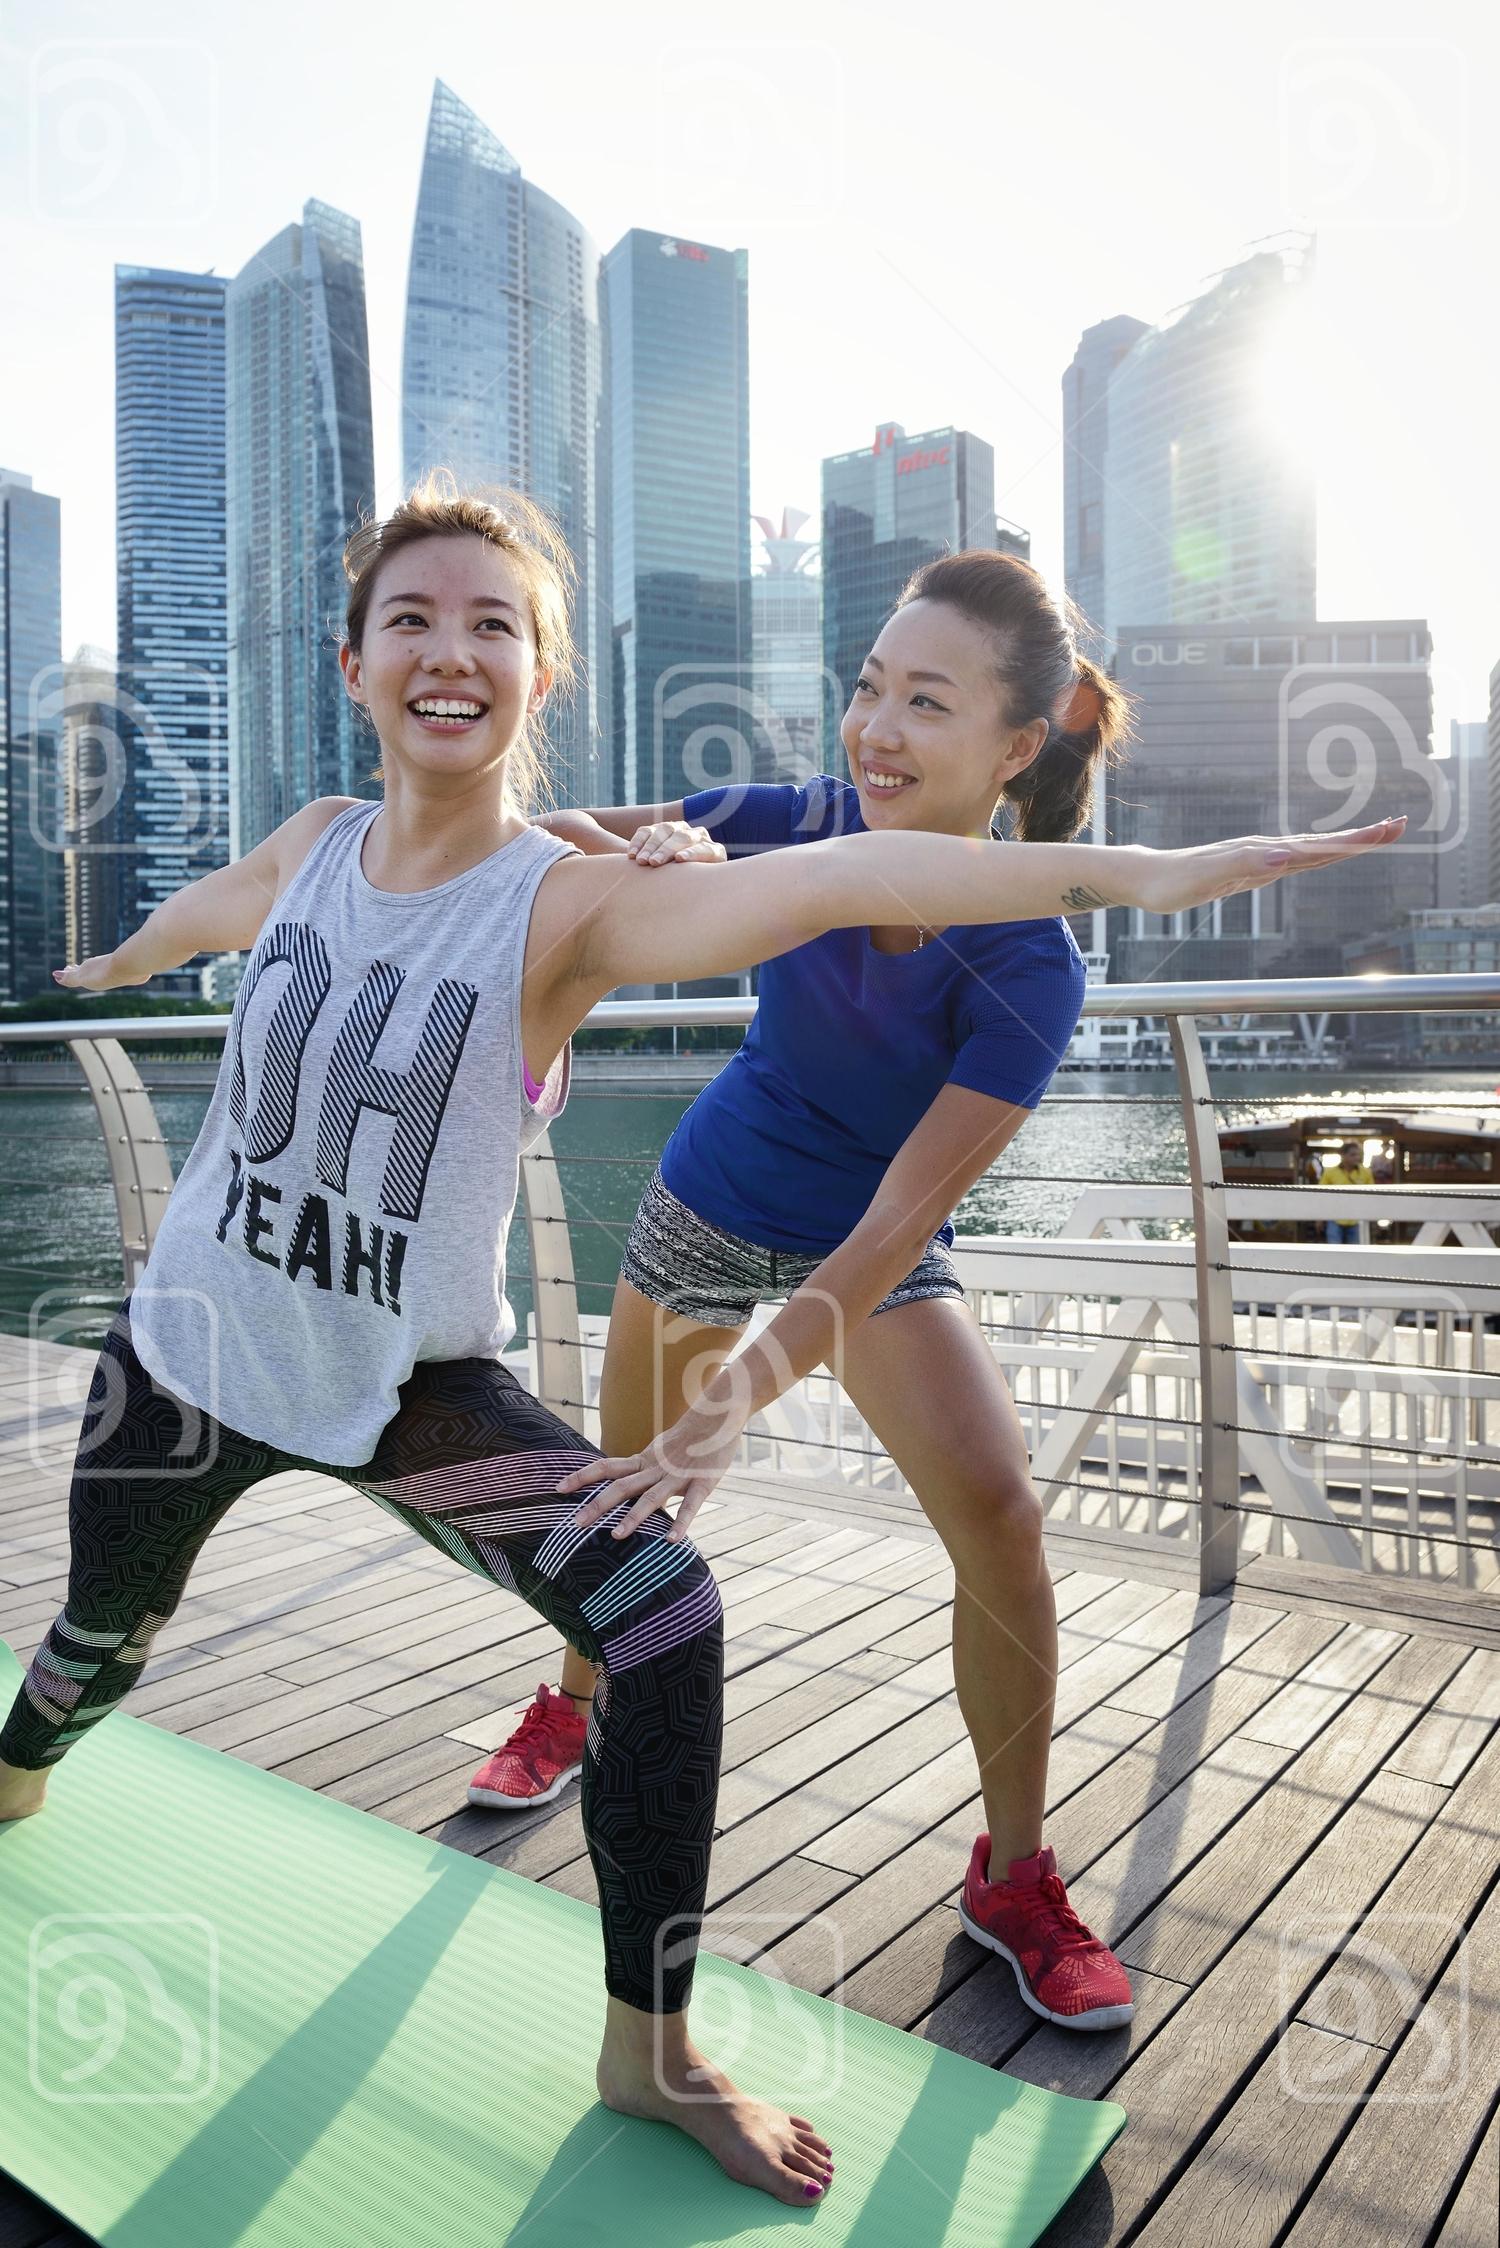 Yoga lesson at Marina Bay